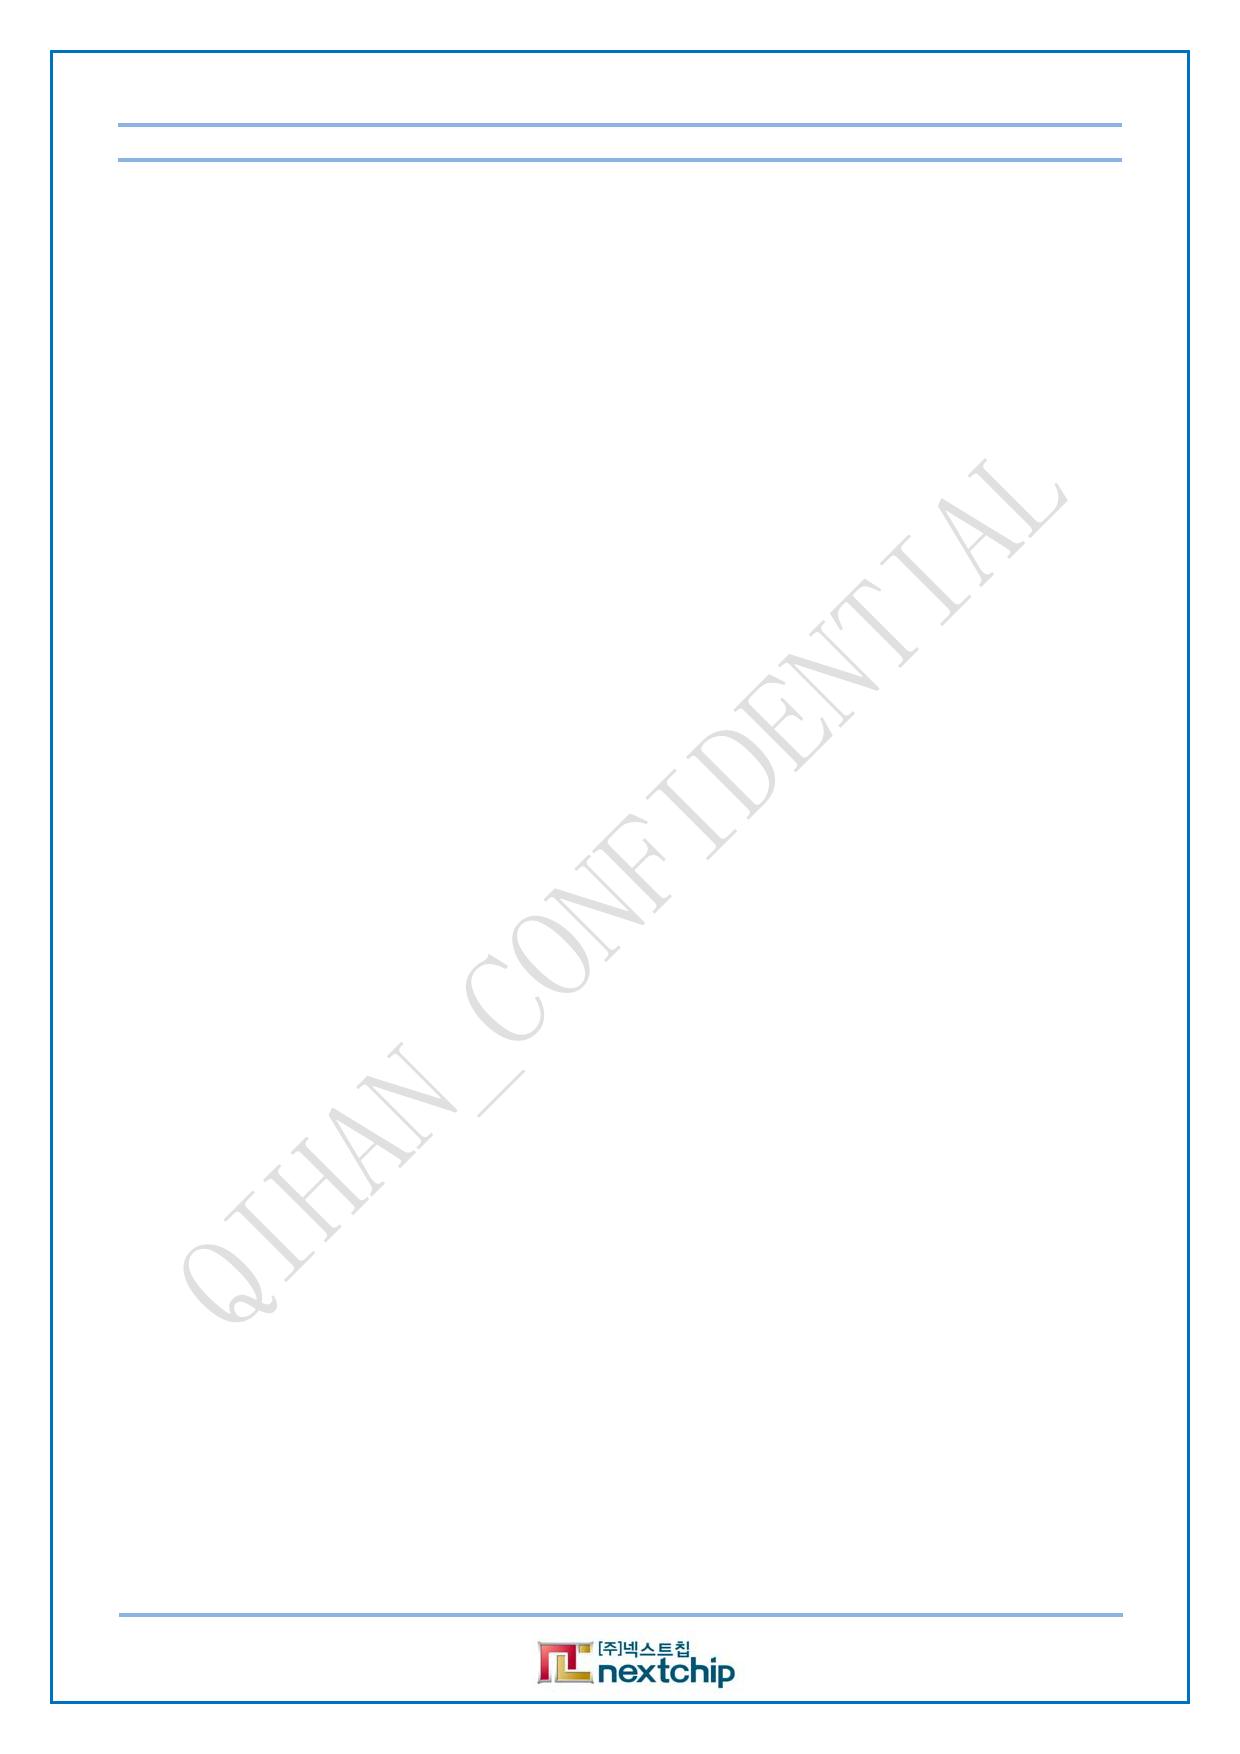 NVP1914 pdf, ピン配列